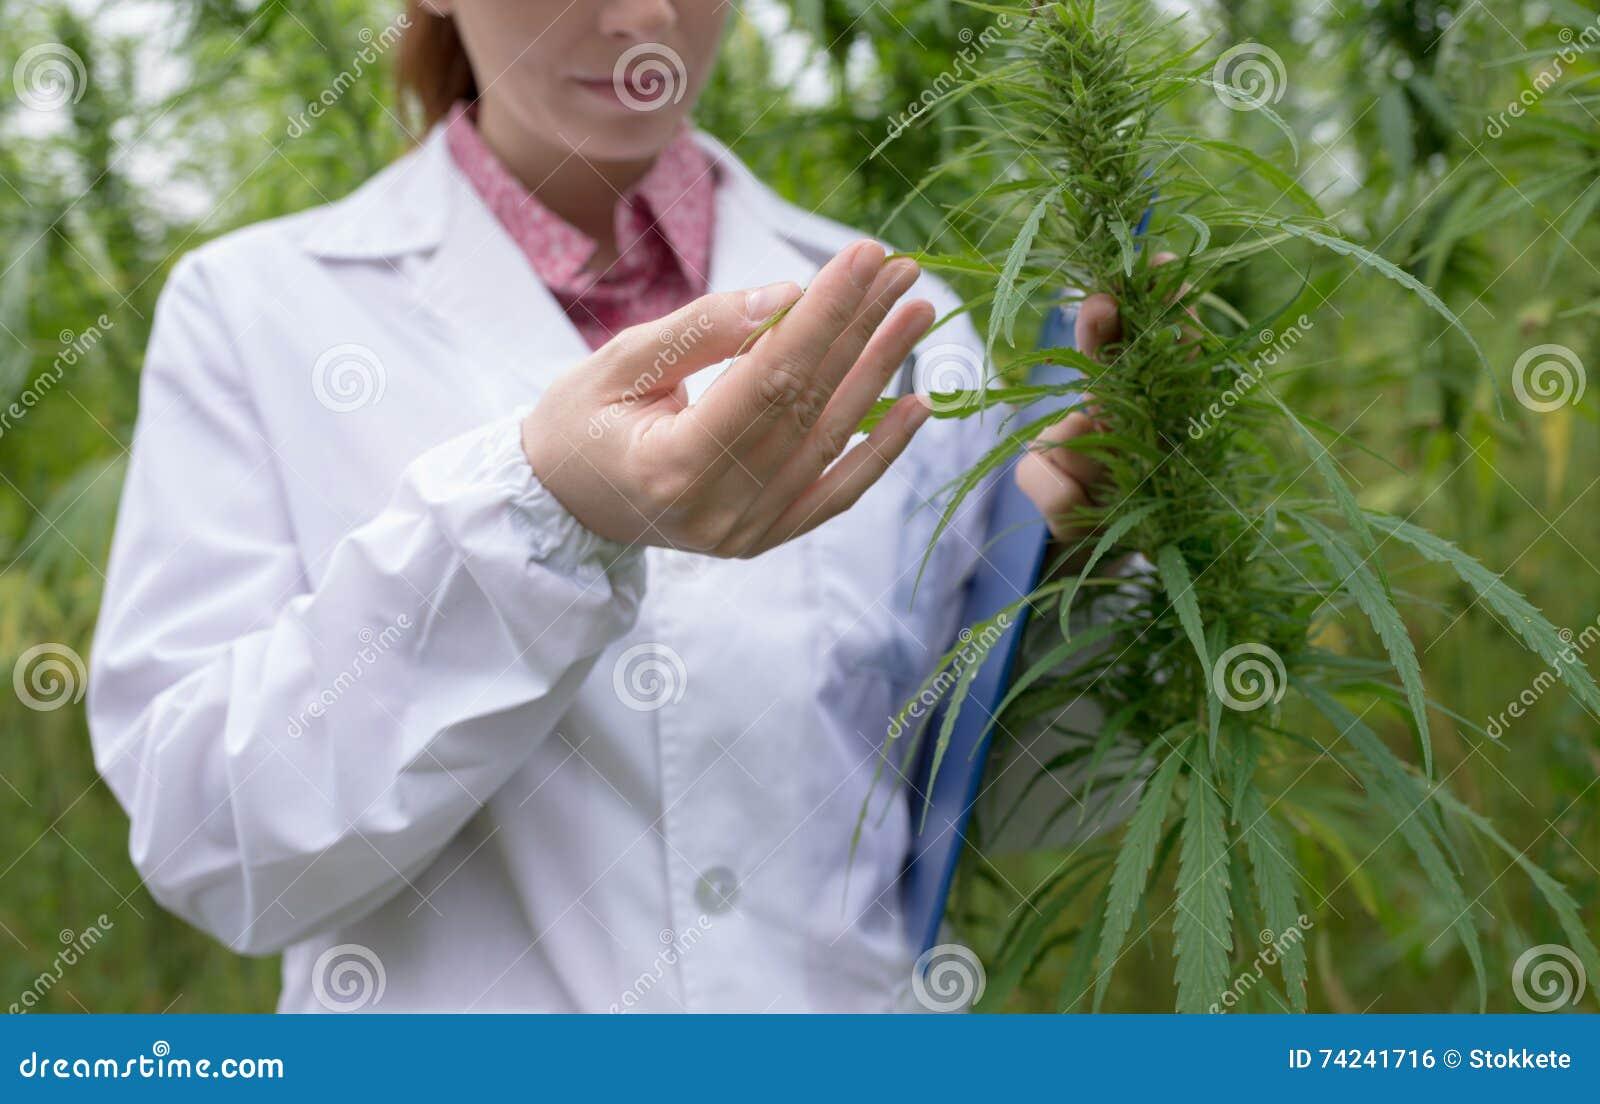 Doktor, der Hanfblumen überprüft